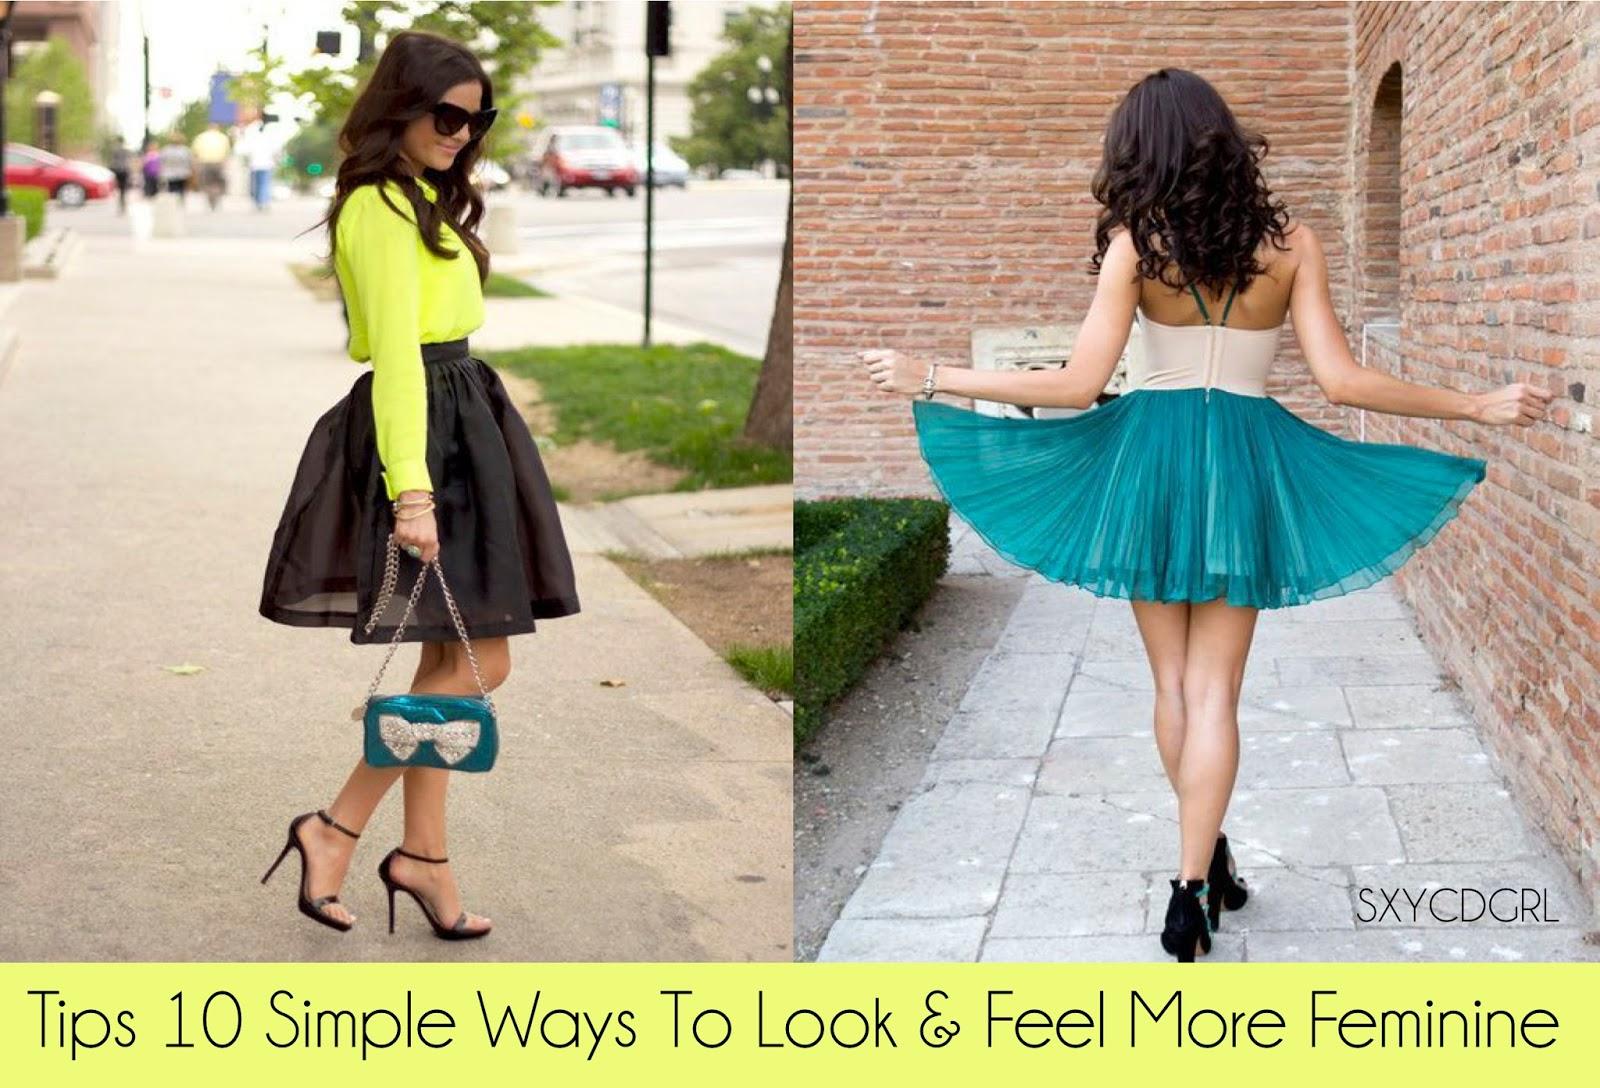 Crossdressing Tips 10 Simple Ways To Look & Feel More ...